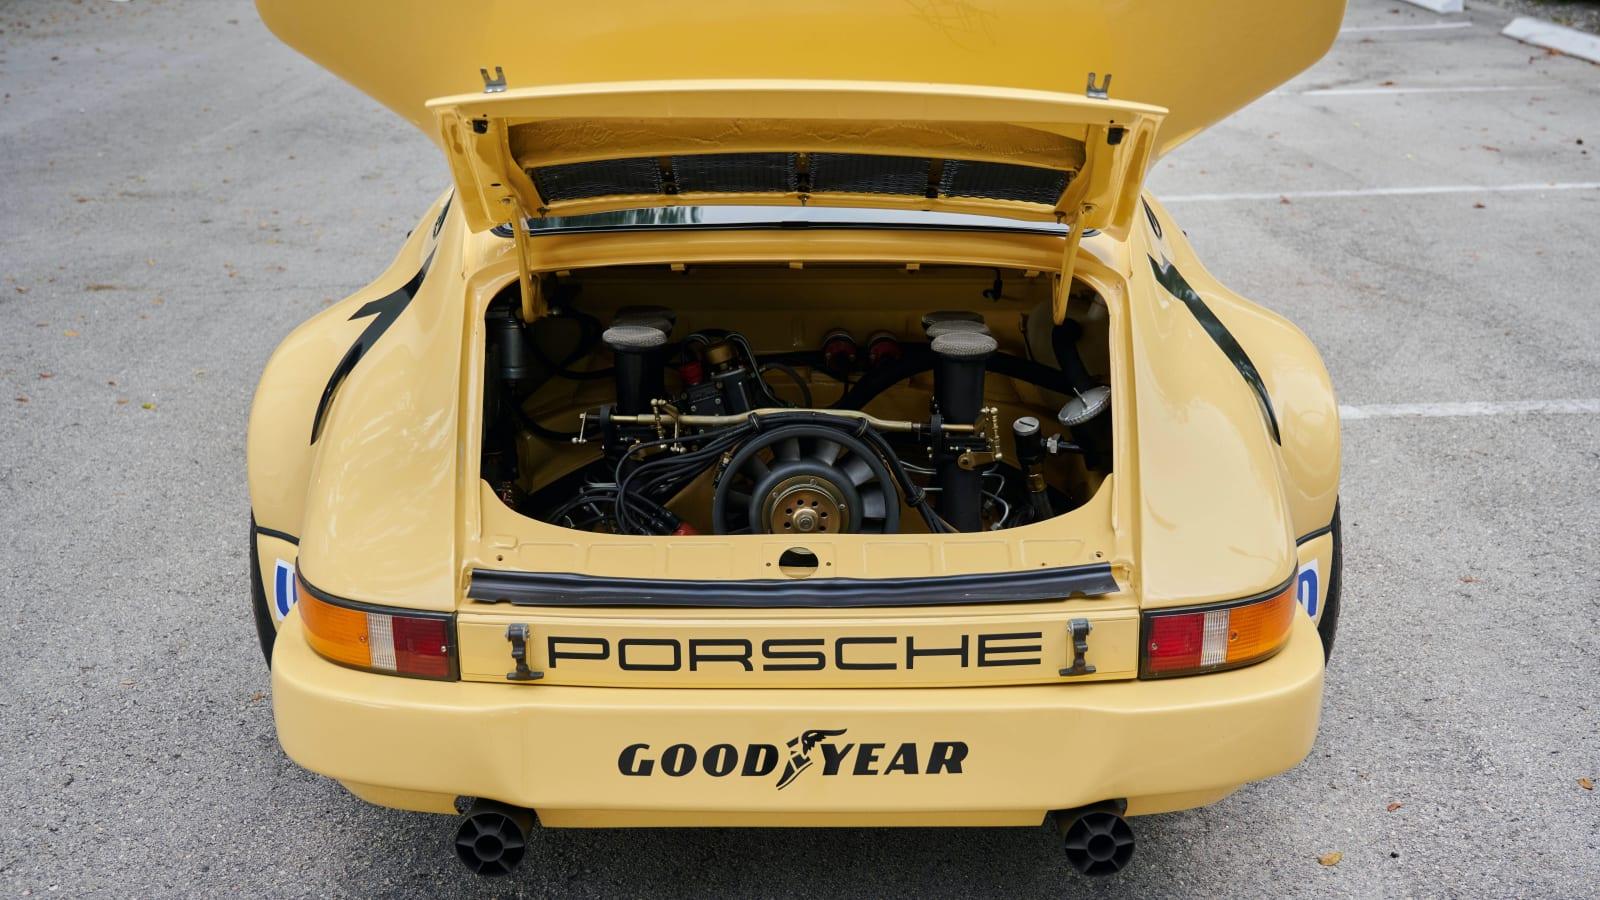 1974 Porsche 911 Carrera 3.0 RSR IROC